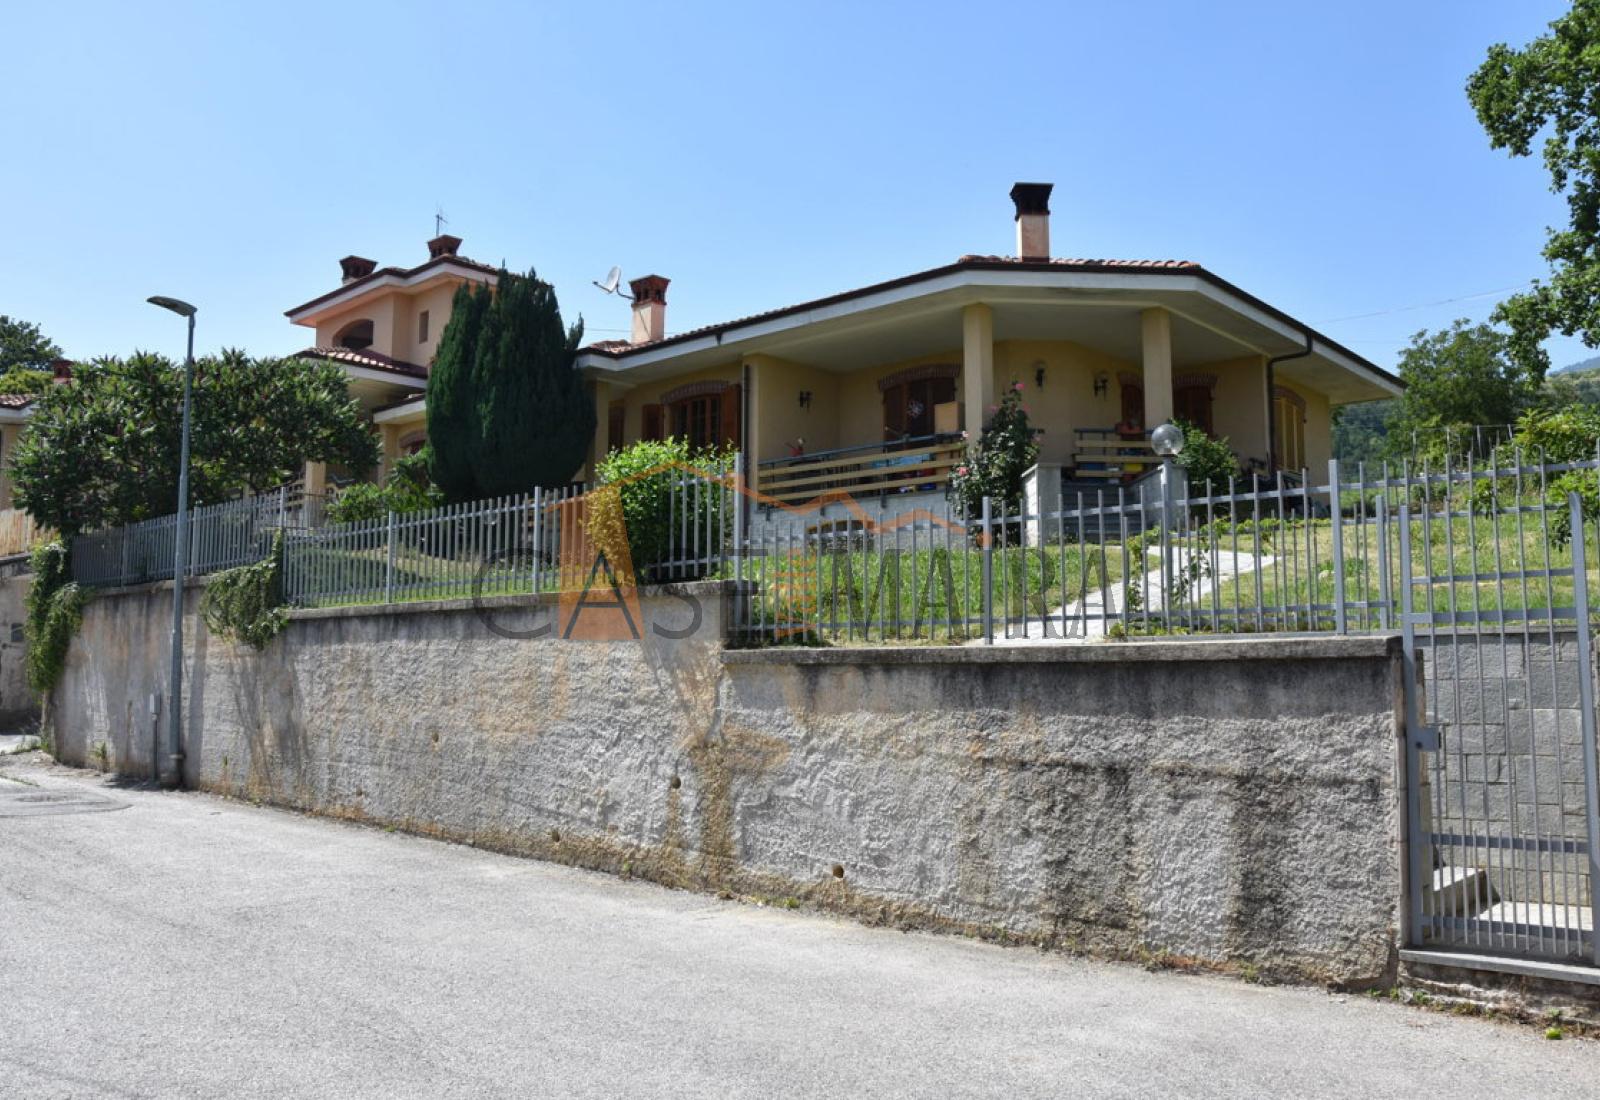 Via Alberto Travaglini, DRONERO, 12025, 4 Stanze da Letto Stanze da Letto, ,Villa bifamiliare,In vendita,Via Alberto Travaglini,1023